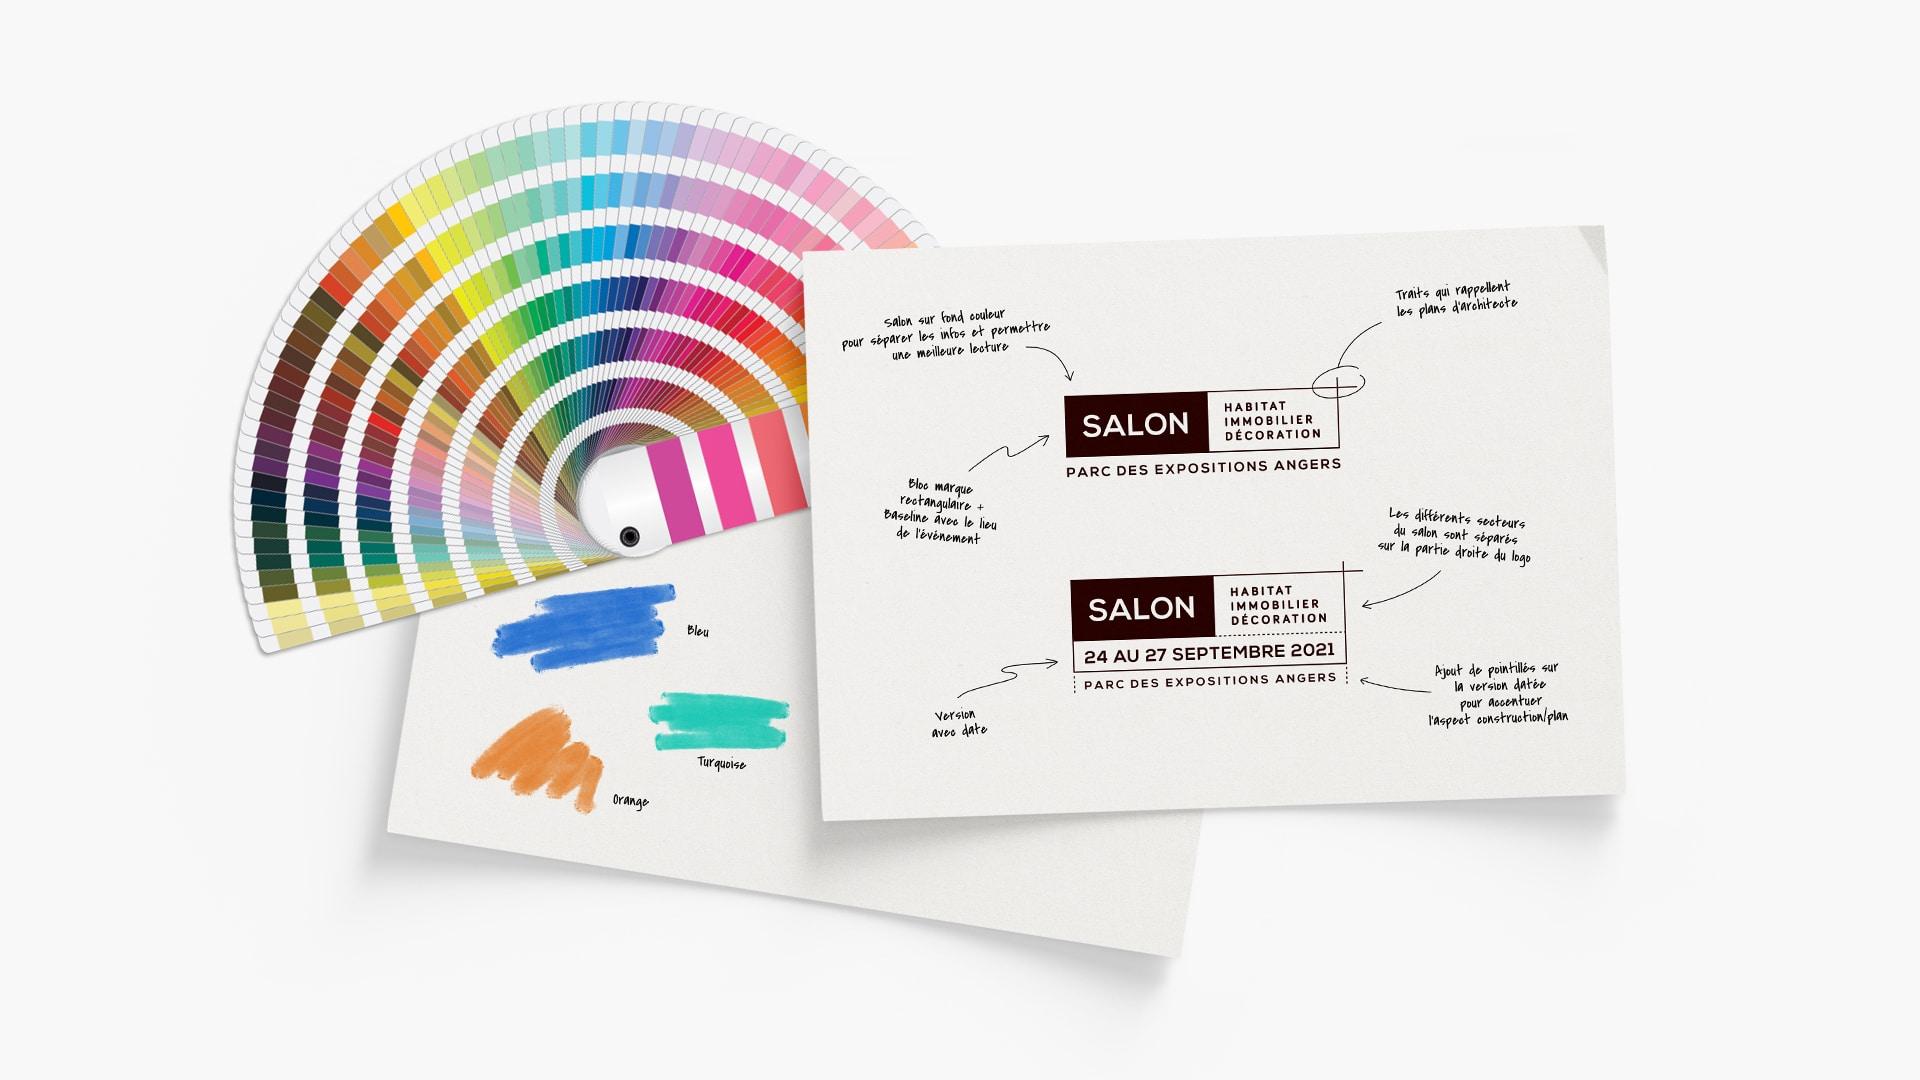 Nouveau bloc marque avec explications, nuancier et couleurs choisies